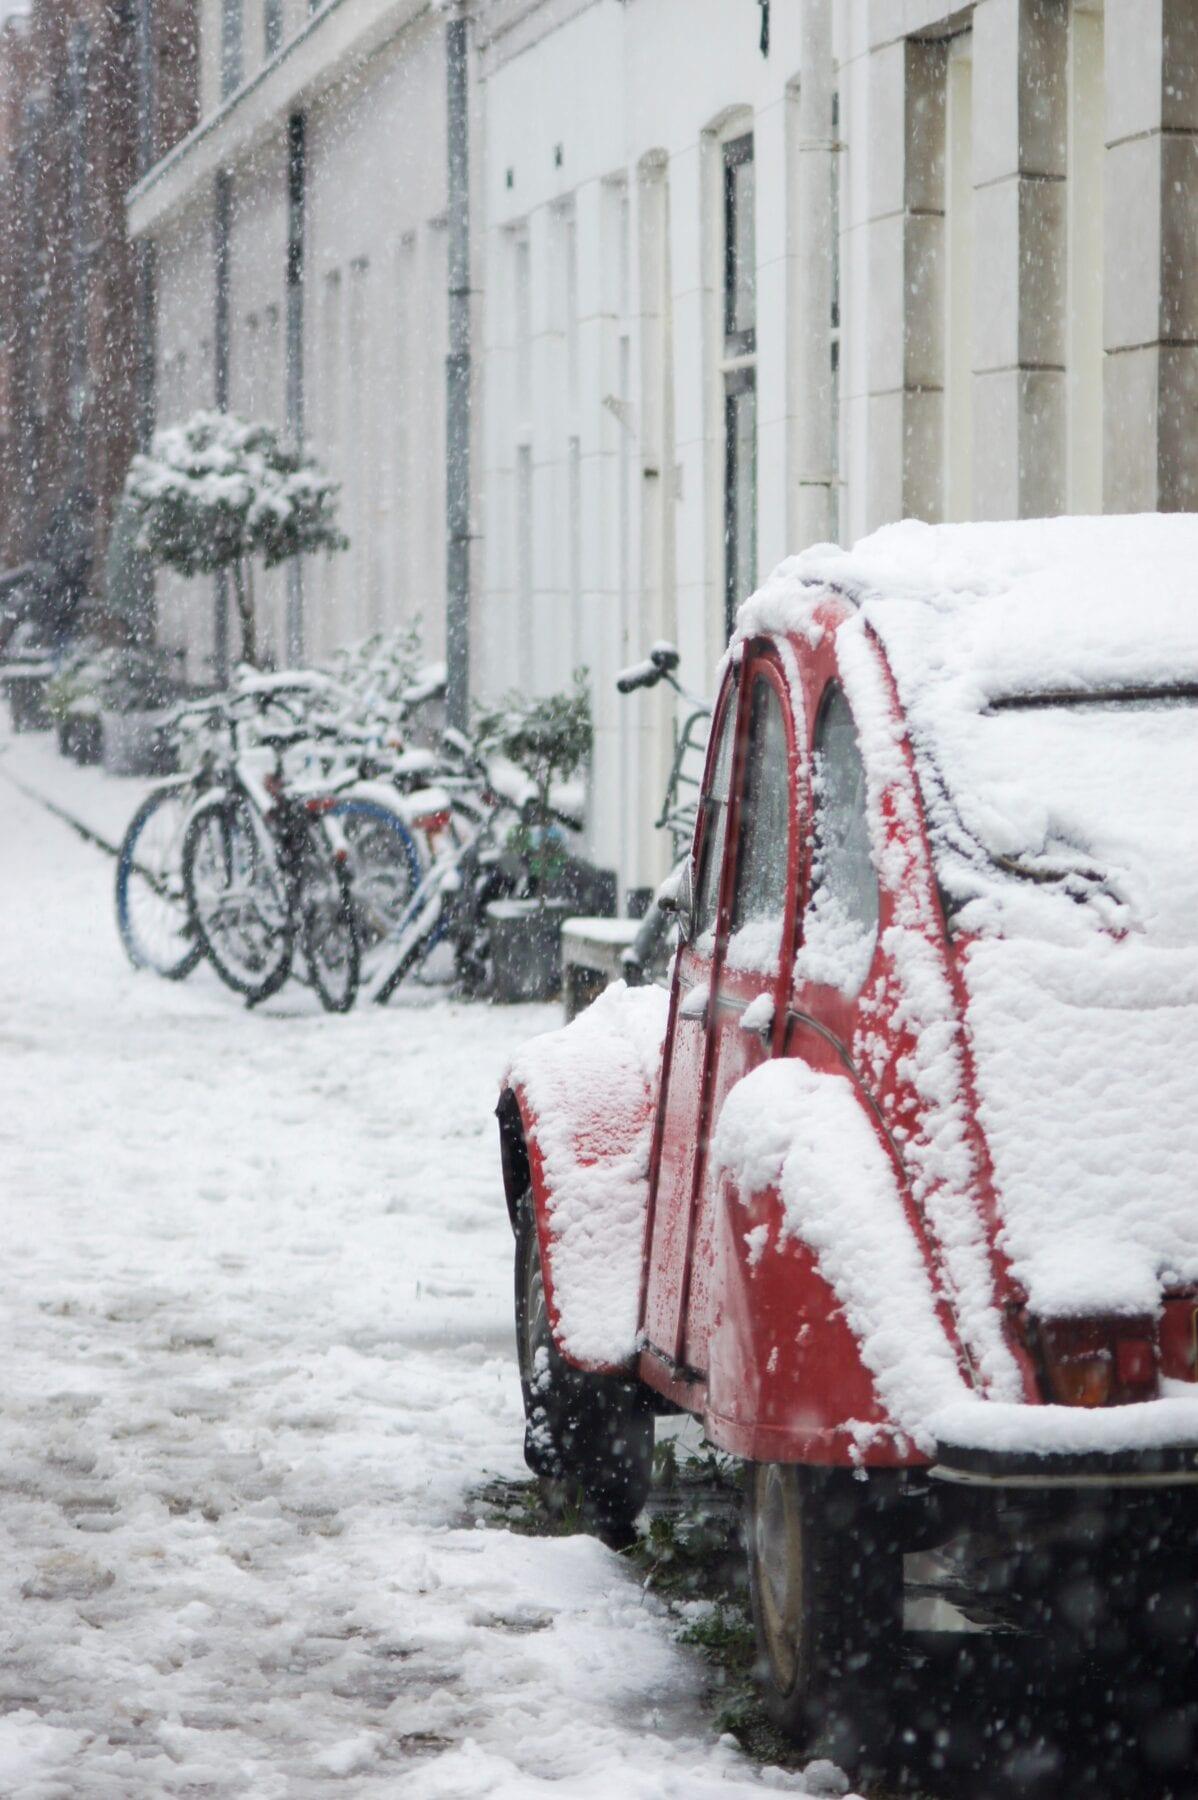 Lelijk eendje in de sneeuw